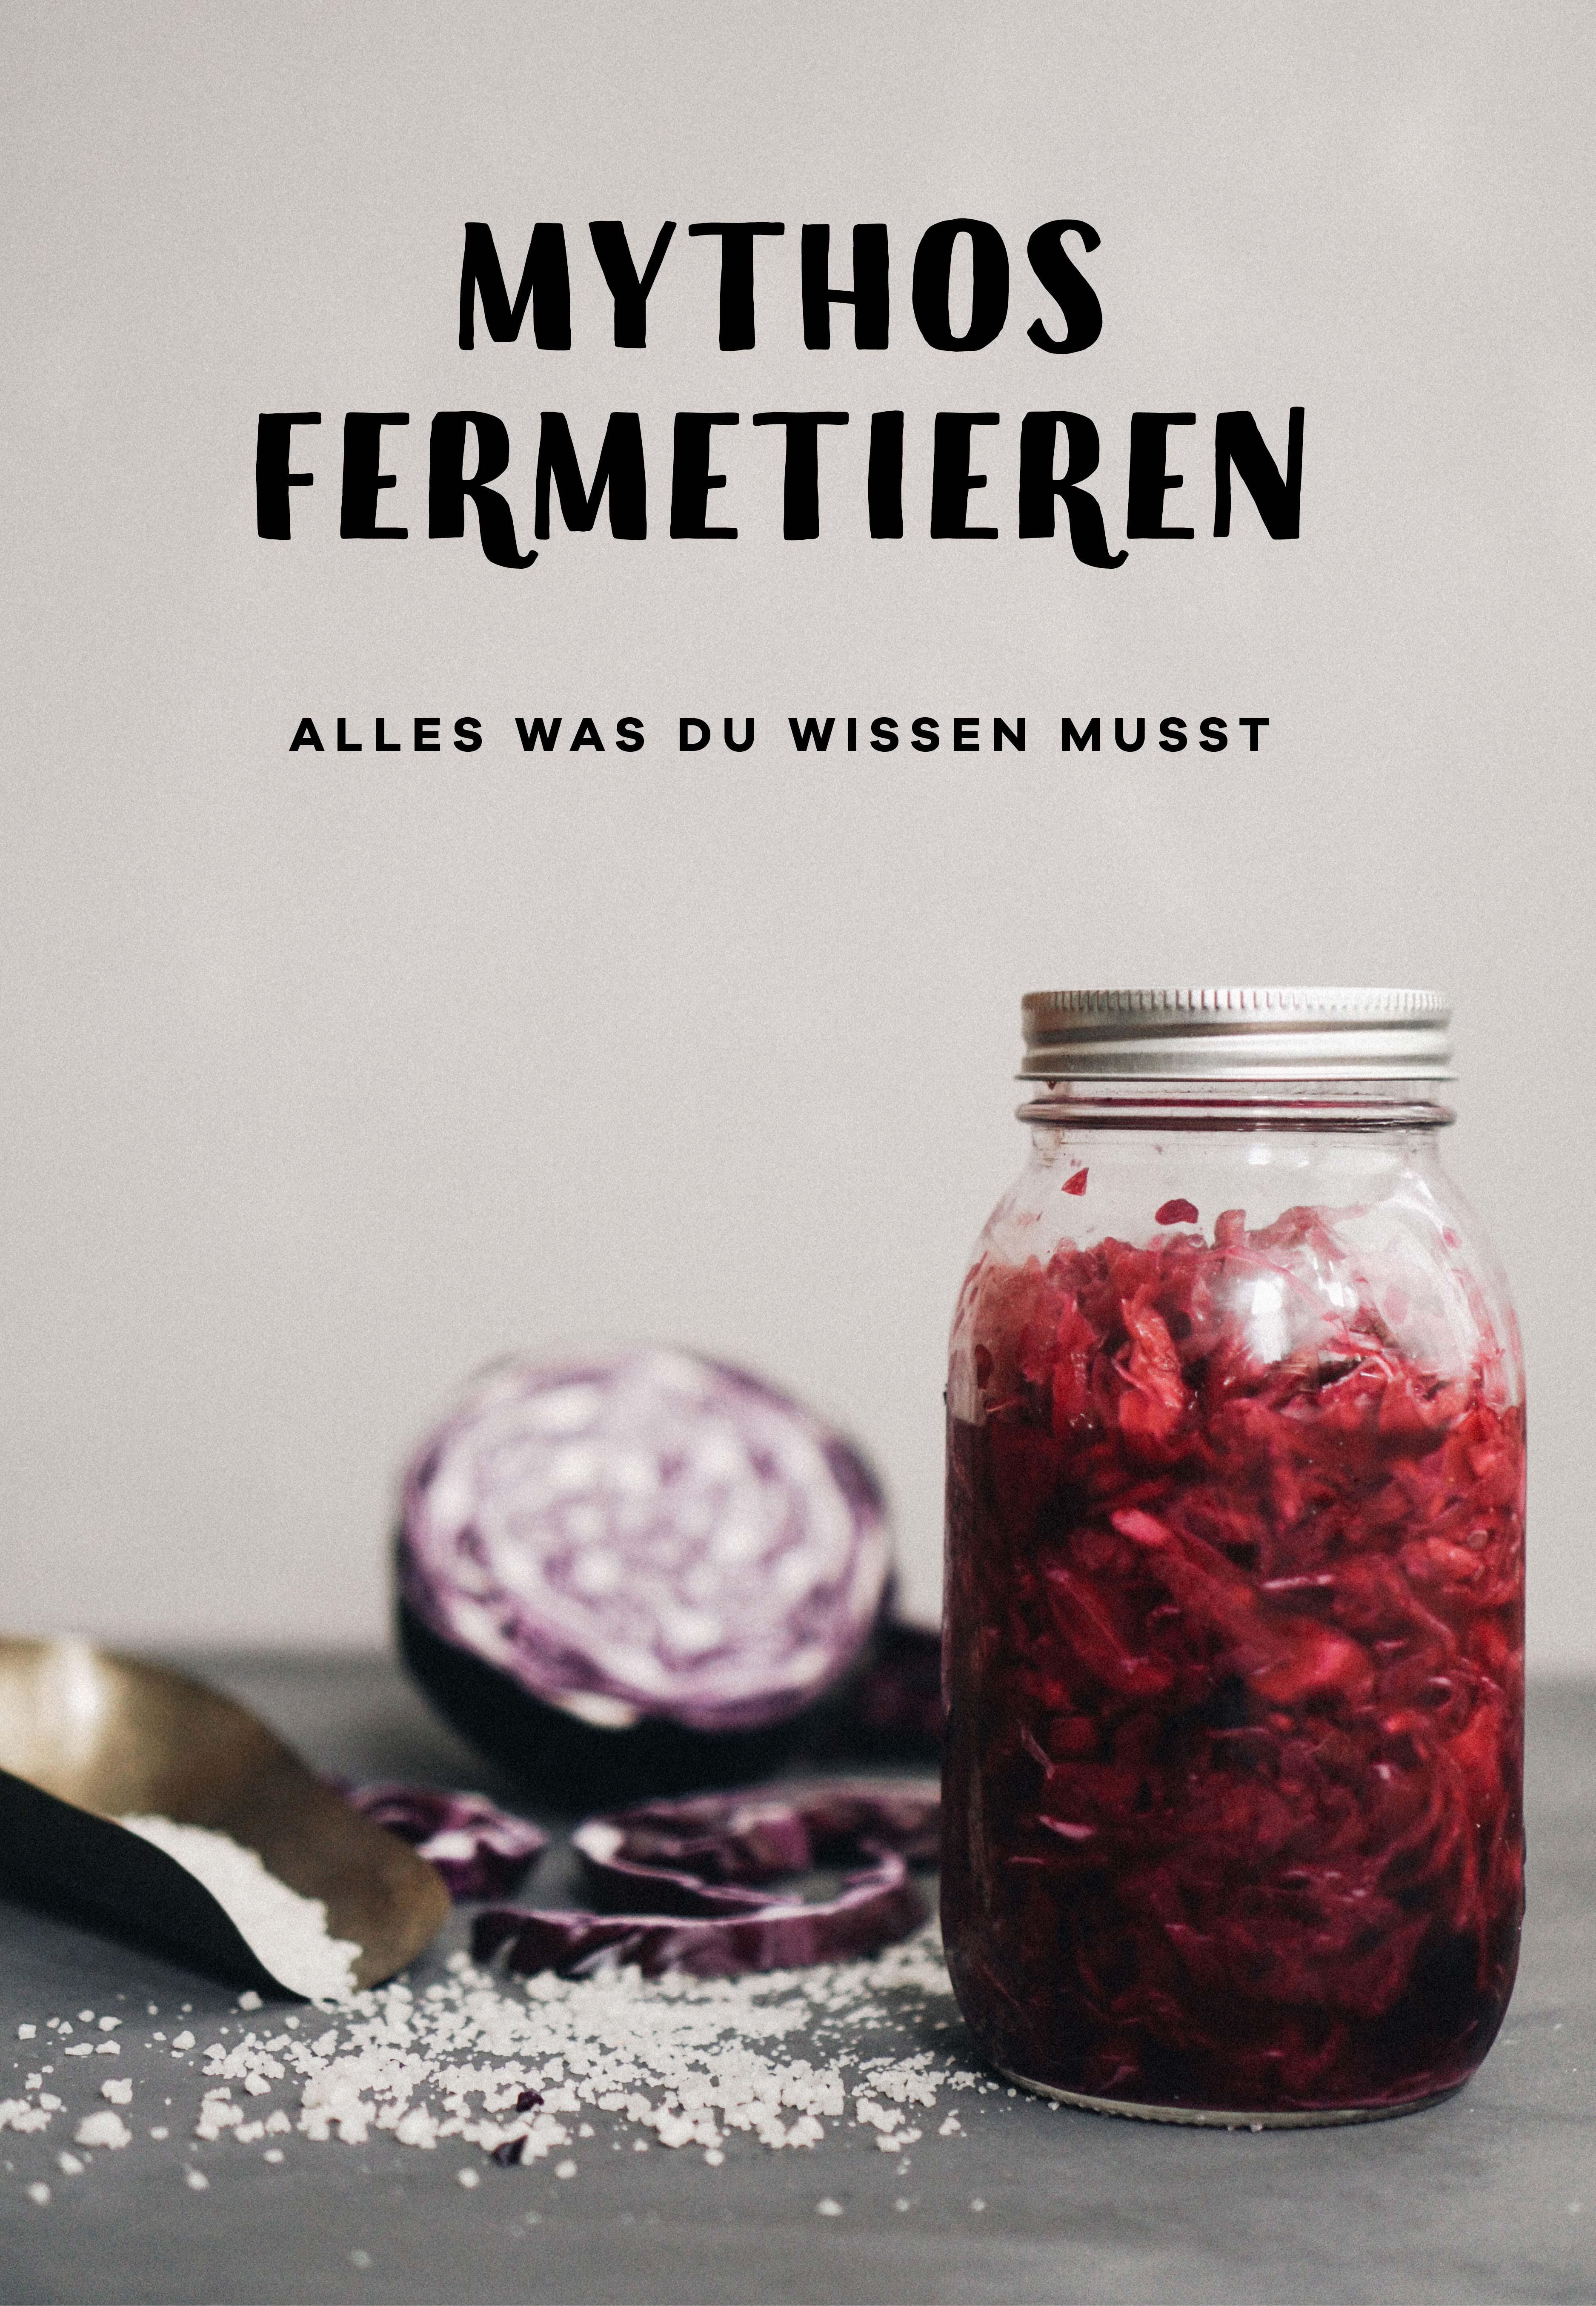 Gemüse fermentieren und haltbar machen. Eine Anleitung, wie Du Sauerkraut und Co. selber machen kannst.